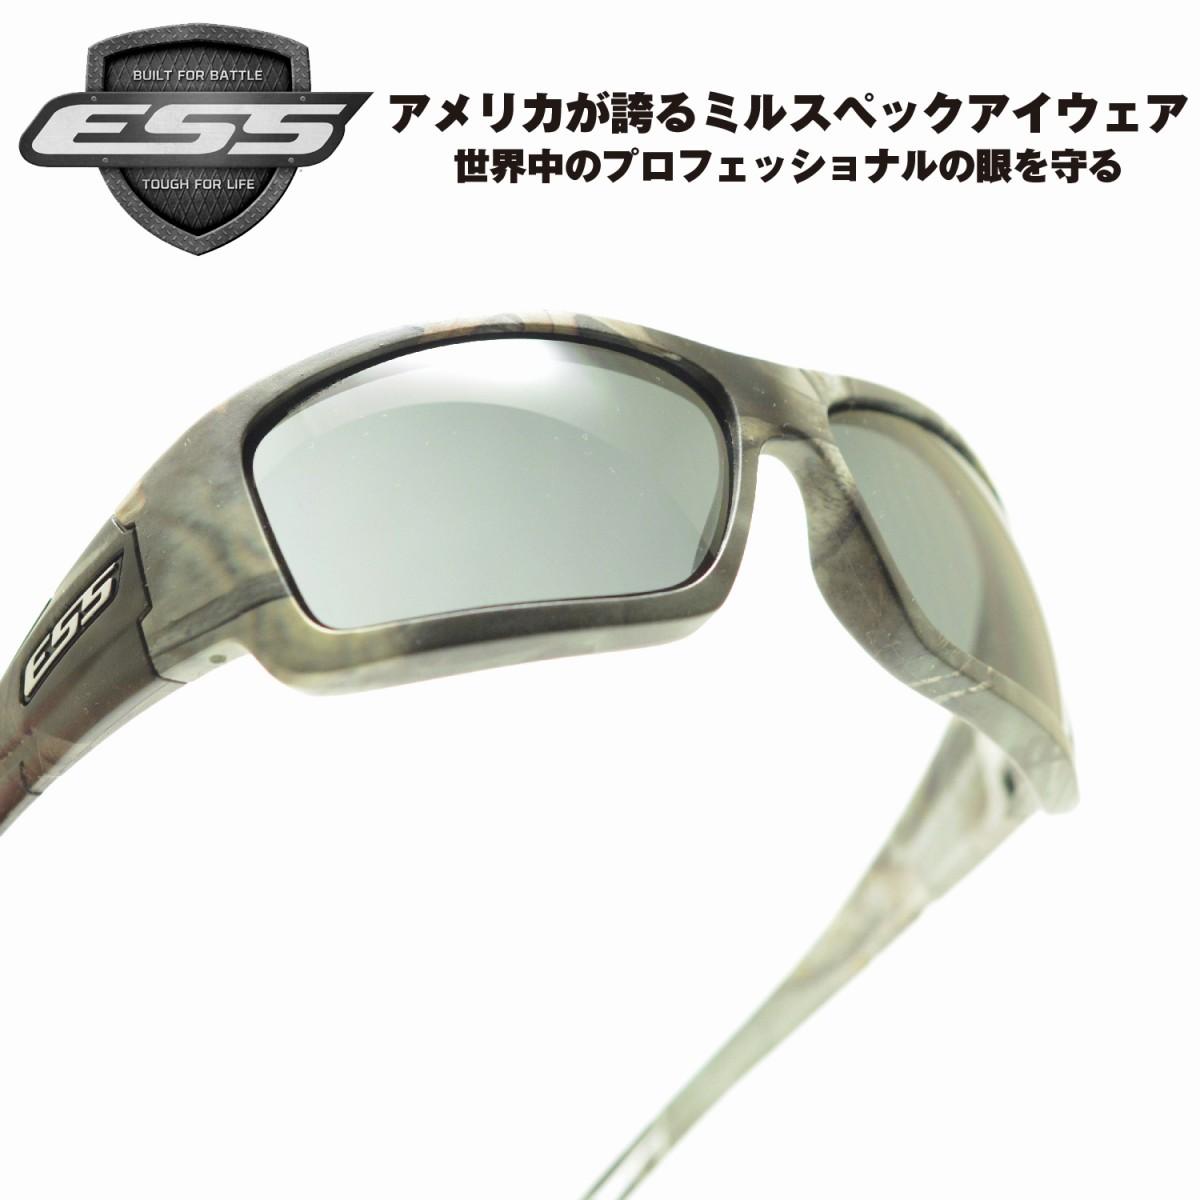 ESS イーエスエス CREDENCE クリーデンス EE9015-13 リーパーウッズ/スモークグレイメガネ 眼鏡 めがね メンズ レディース おしゃれ ブランド 人気 おすすめ フレーム 流行り 度付き レンズ サングラス